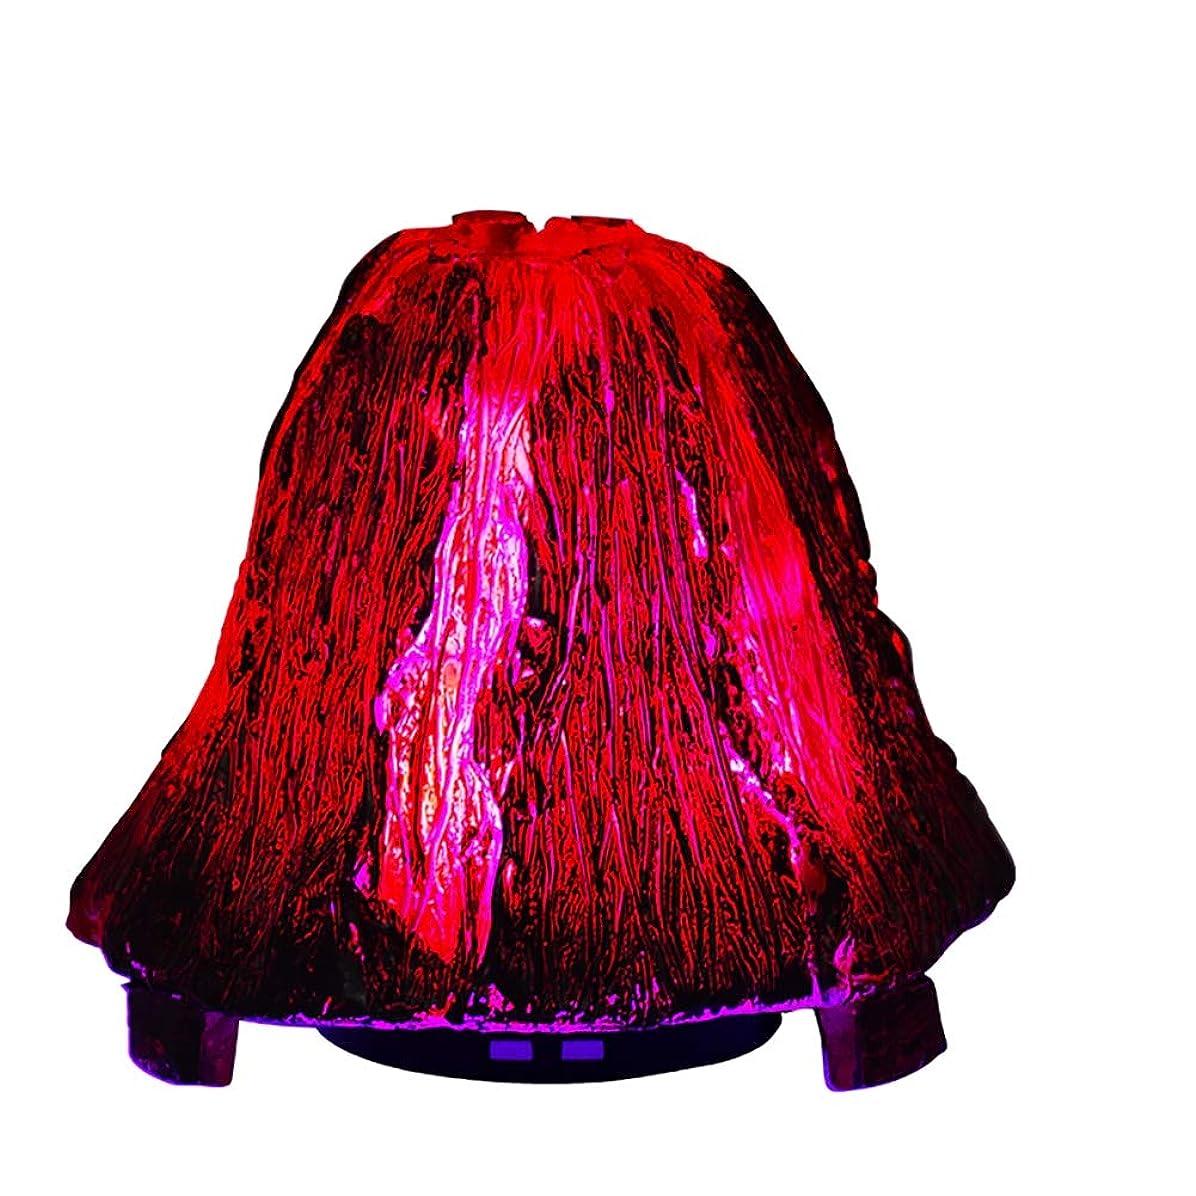 観察する情報白雪姫オリジナリティ火山のエッセンシャルオイルディフューザー、120mlアロマセラピー超音波クールミスト加湿器、7色LEDライト付きウォーターレスオートオフ